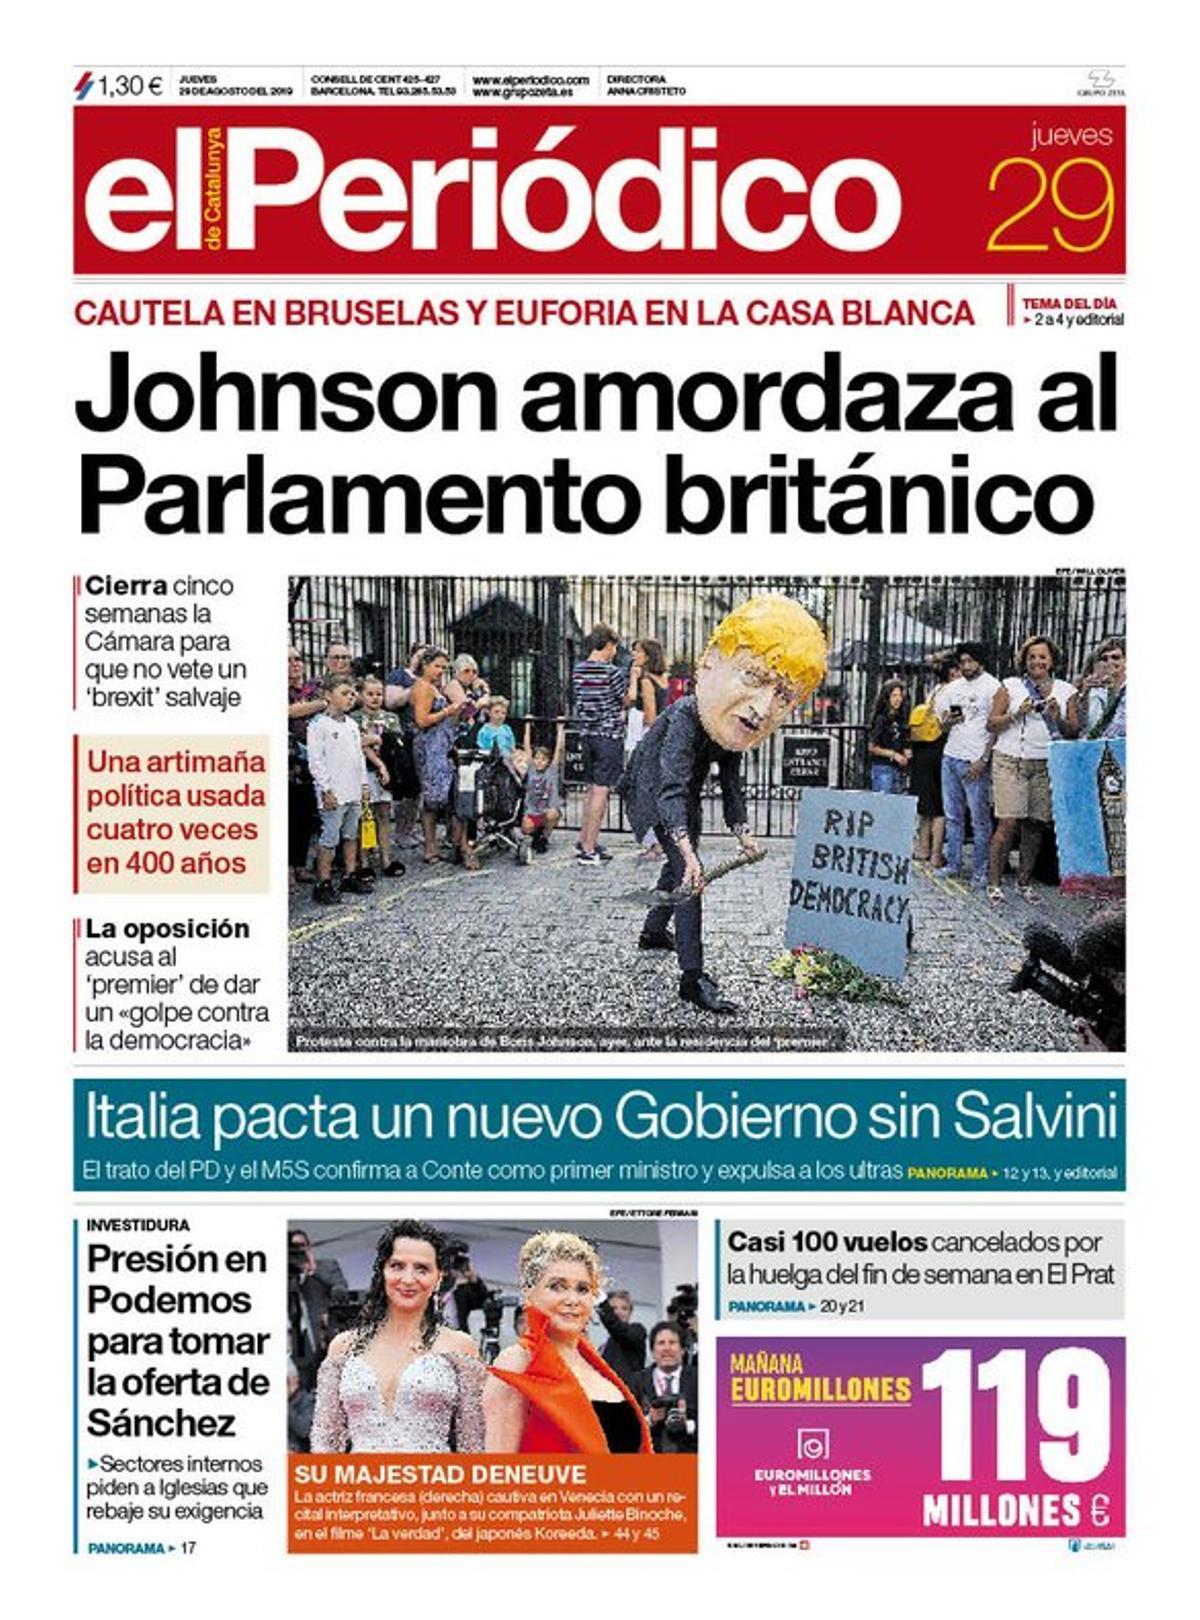 La portada de EL PERIÓDICO del 29 de agosto del 2019